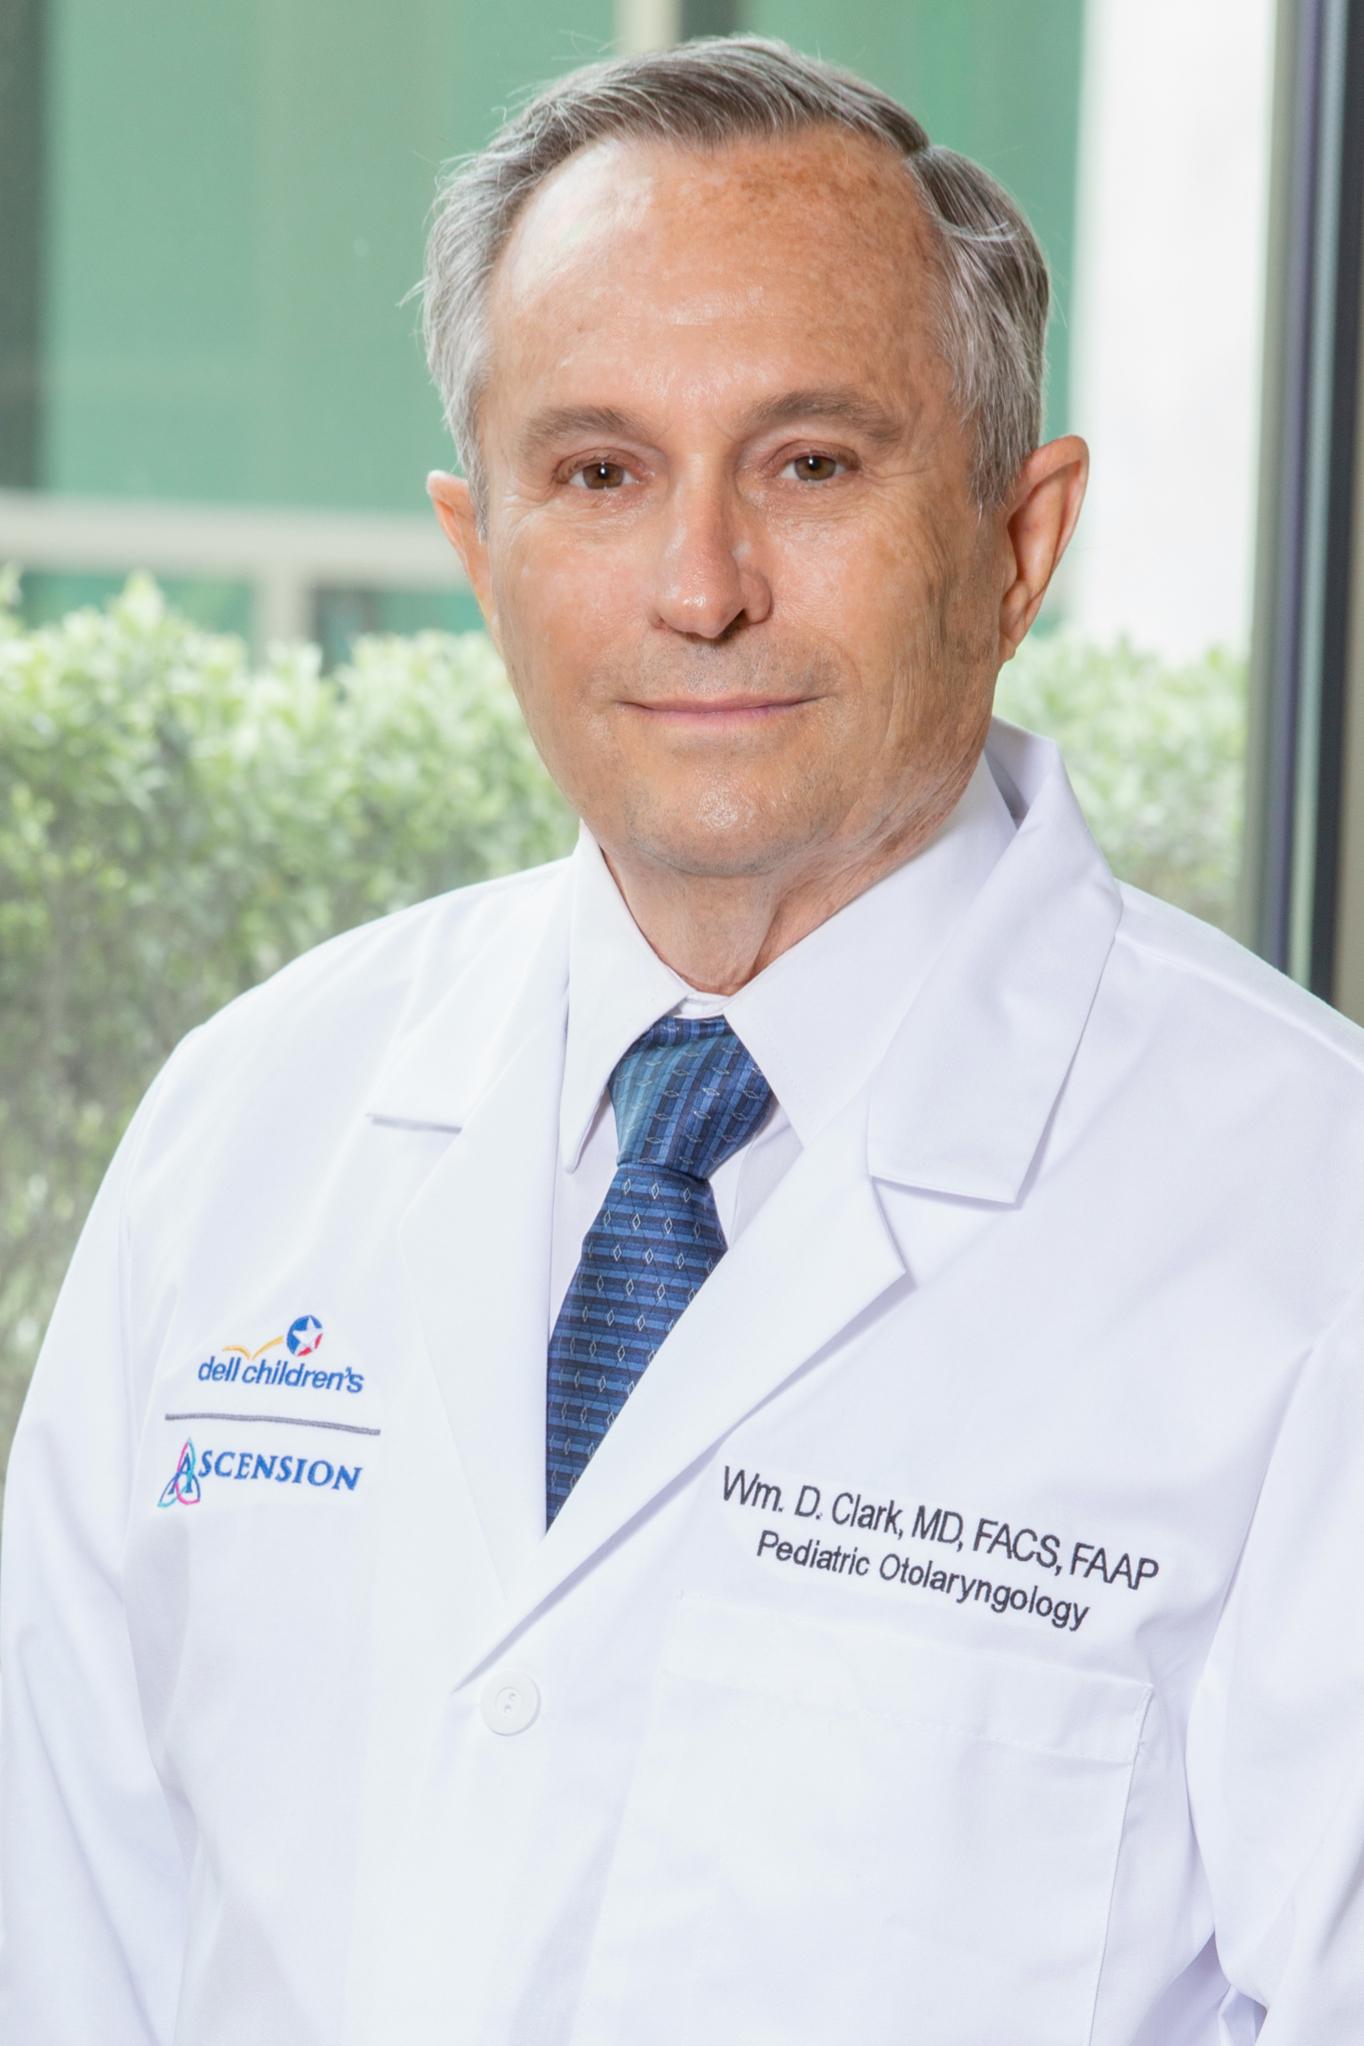 William Clark, MD